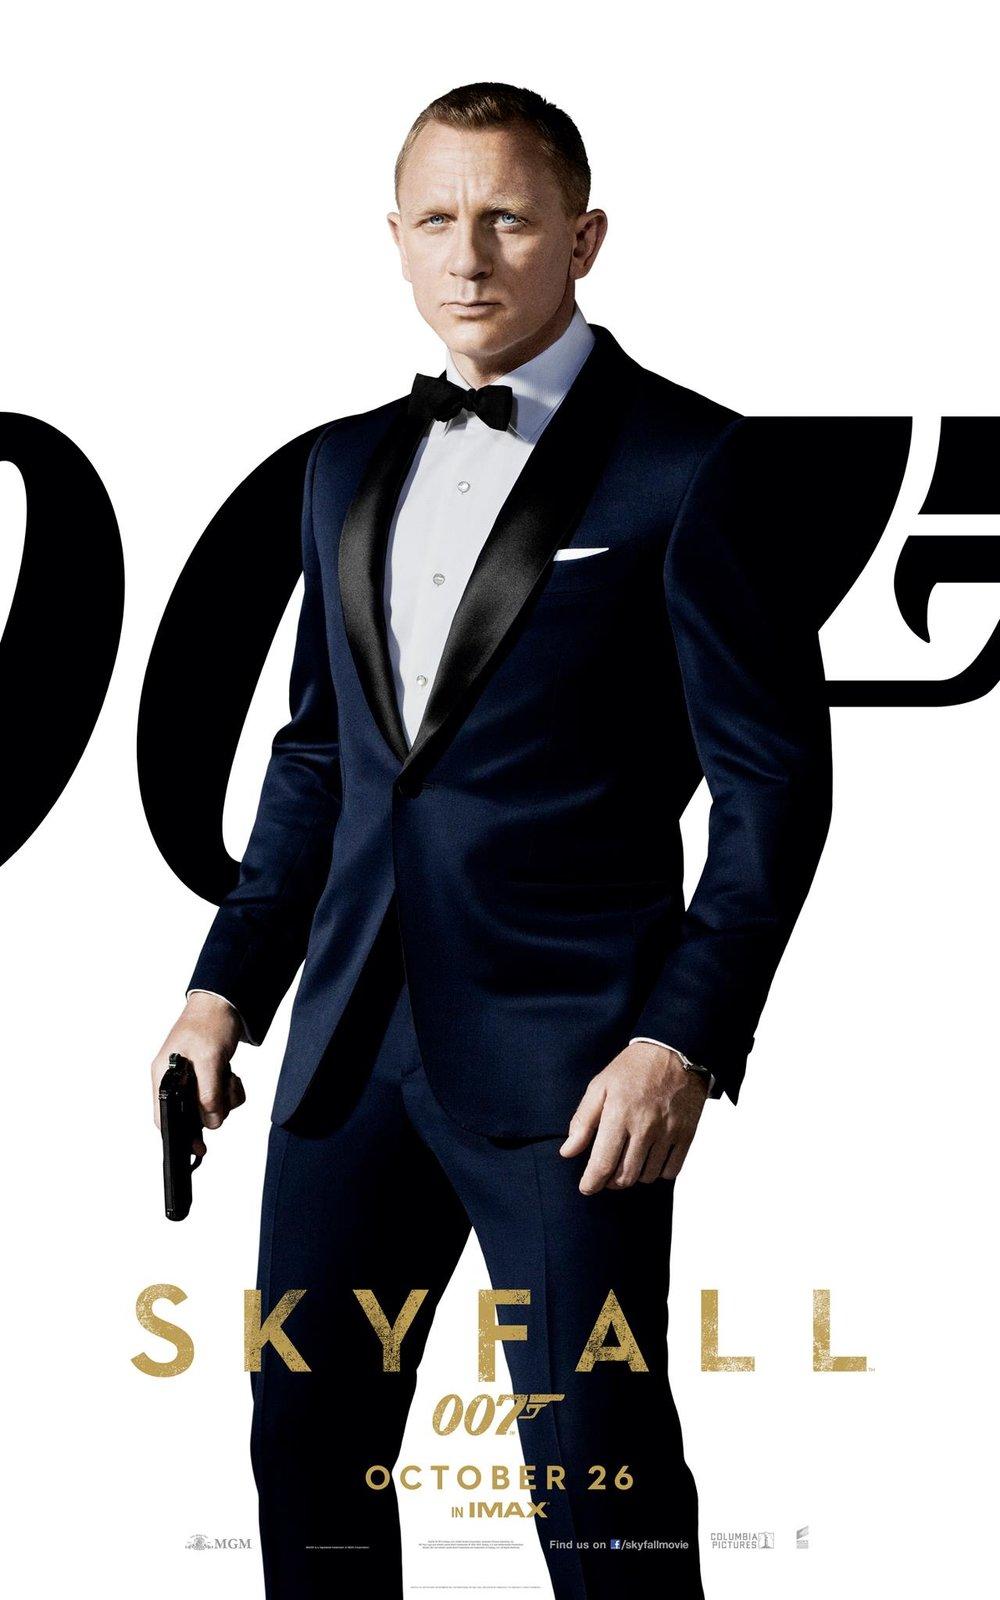 Skyfall_Bond_Poster.jpg